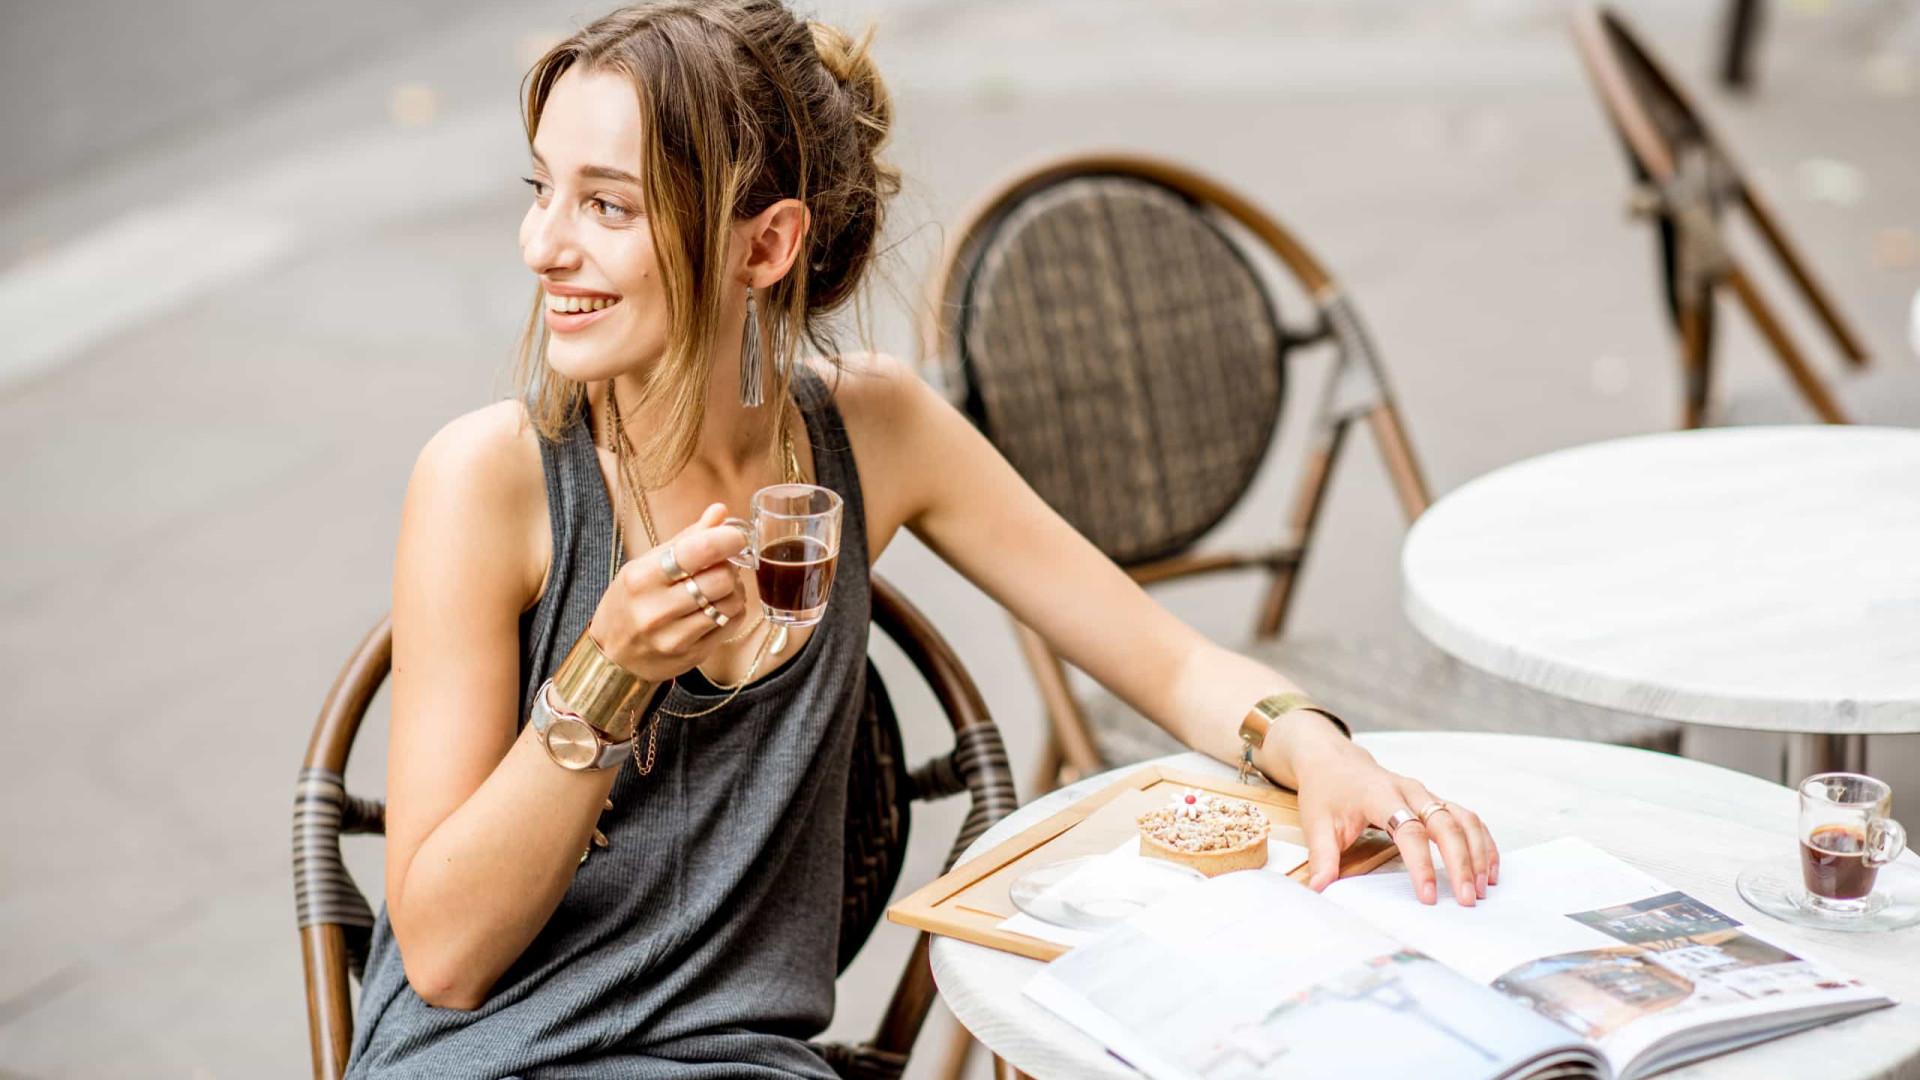 Beber café reduz risco desta condição cardíaca, revela estudo